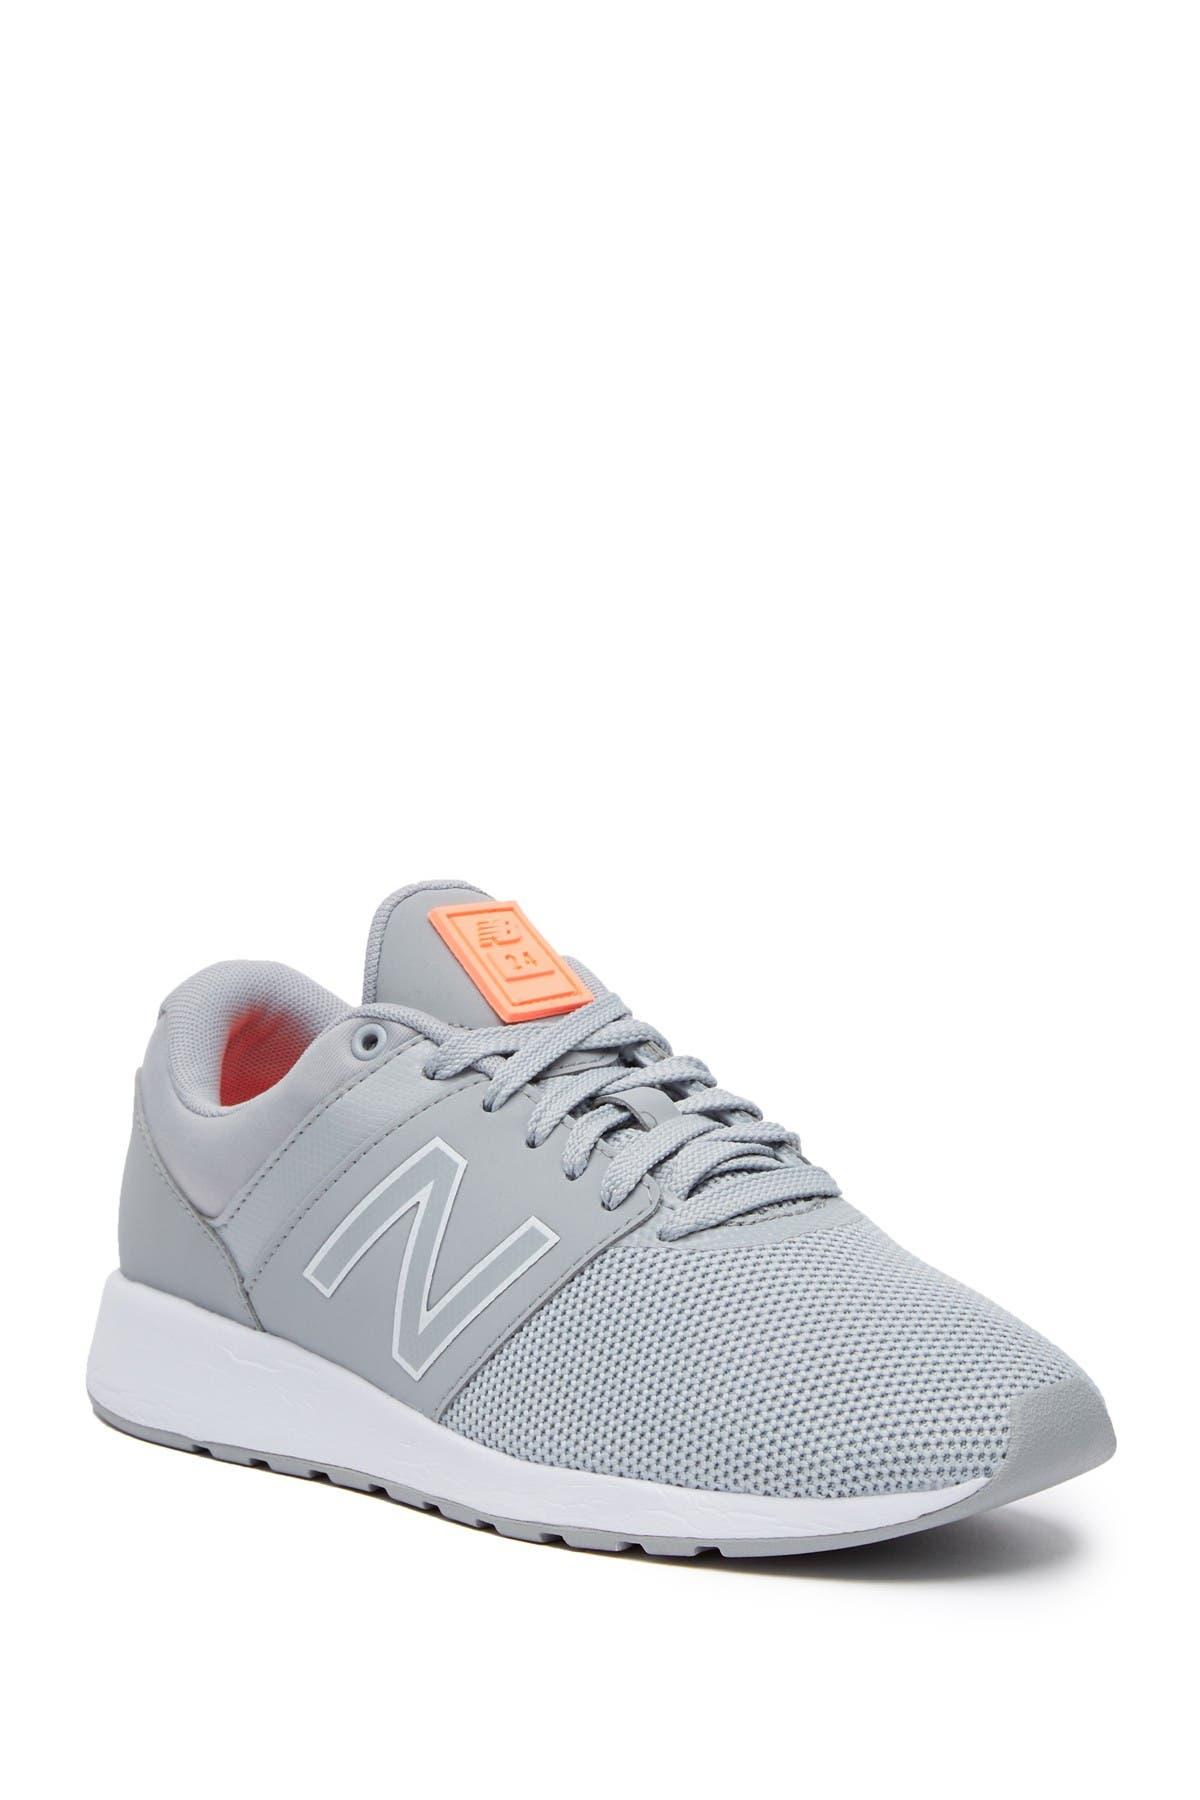 New Balance | 24v1 Sneaker | Nordstrom Rack